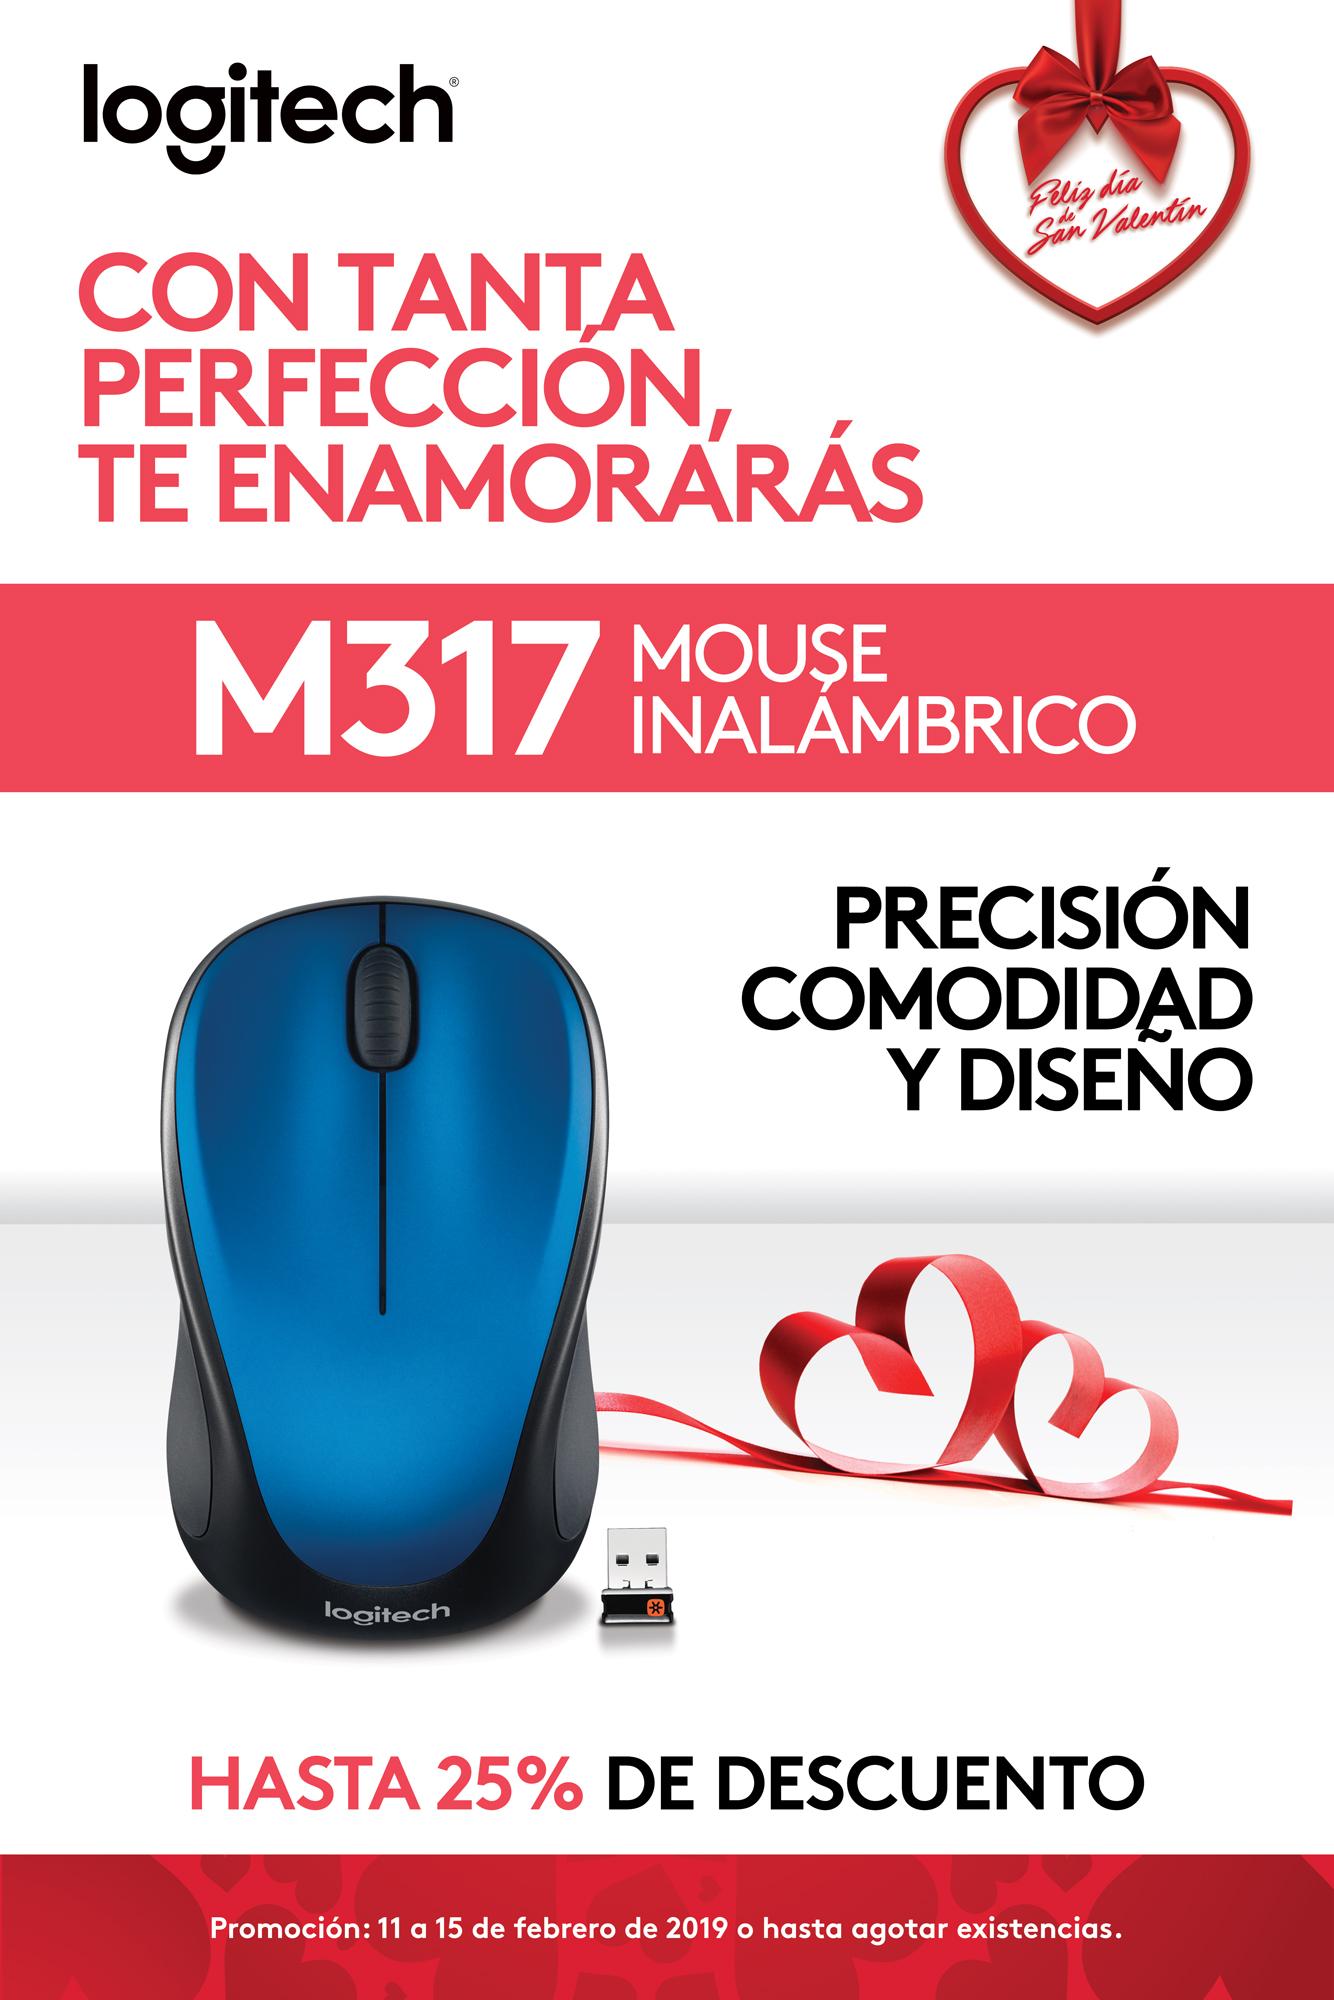 Promo M317 - Mouse inalámbrico - Logitech